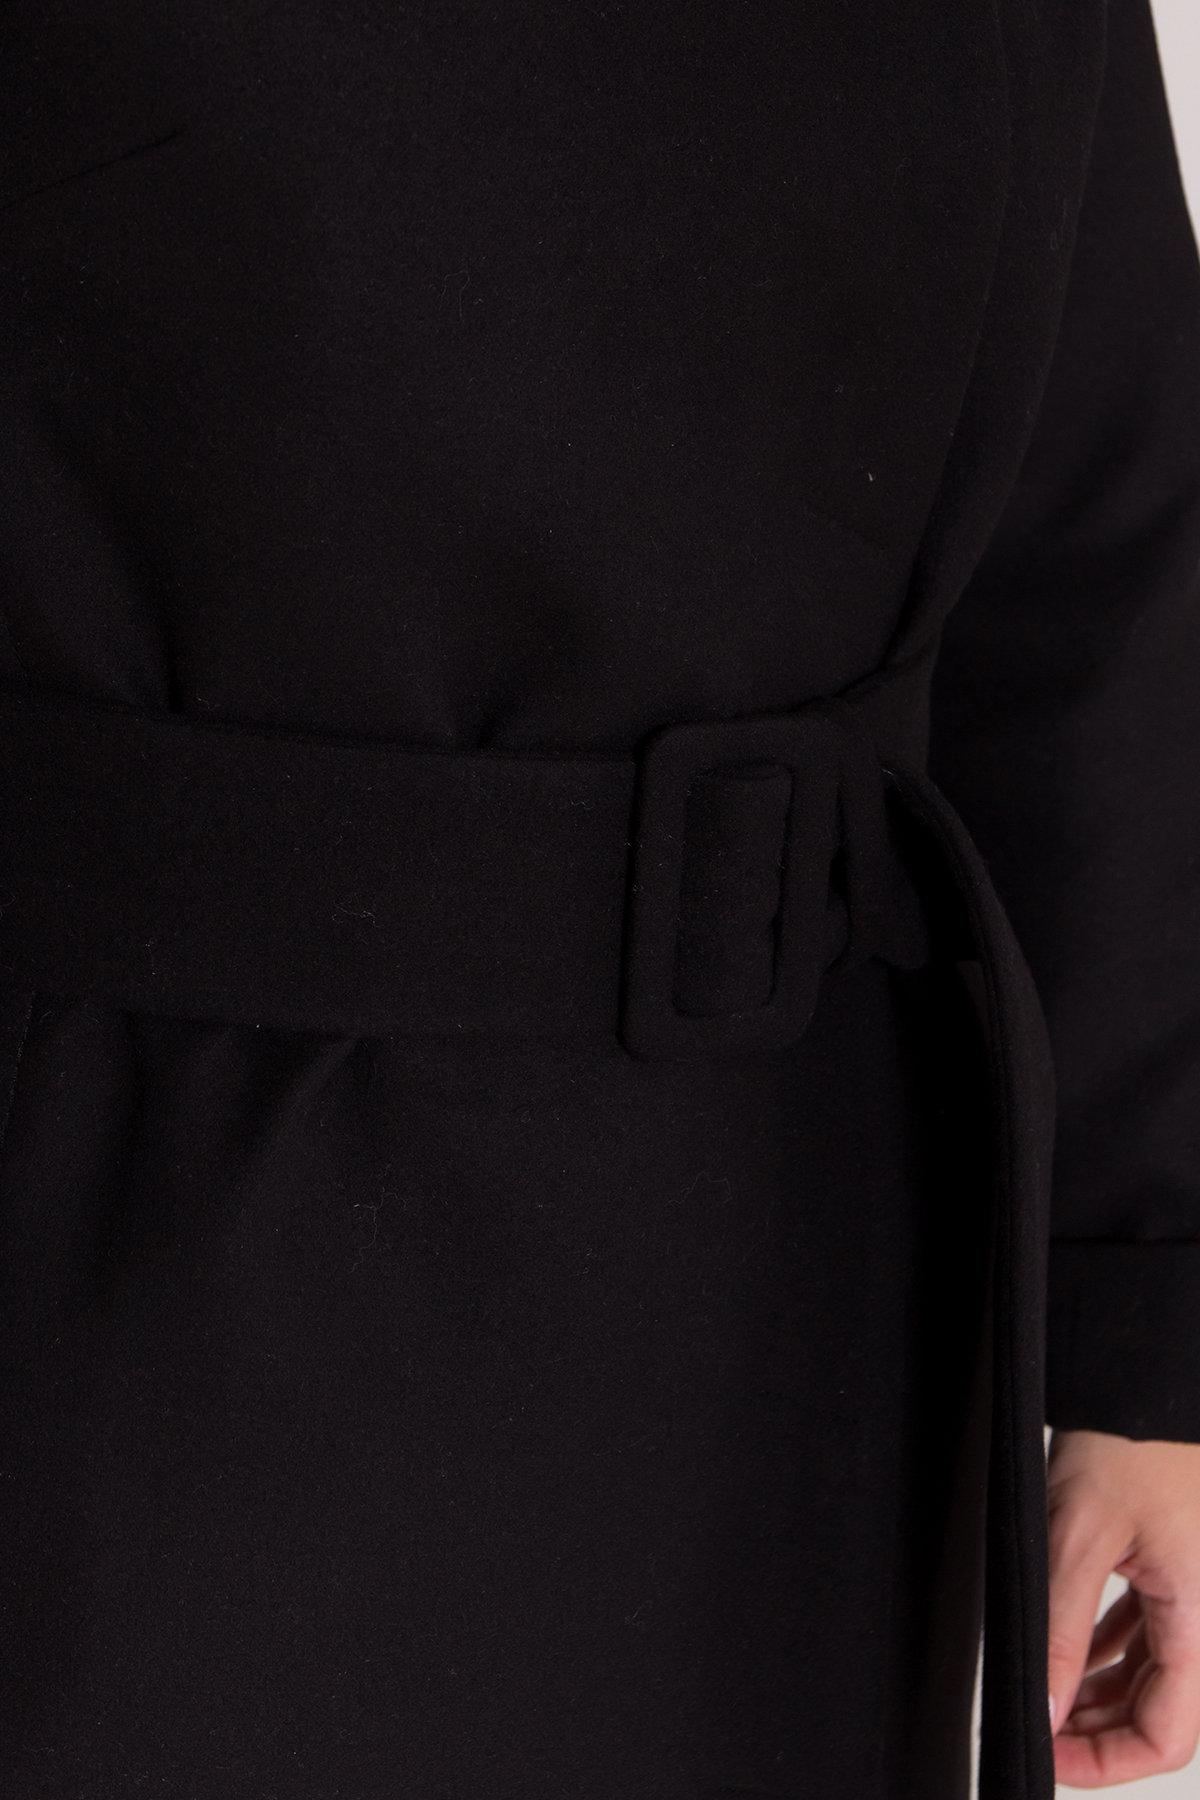 Зимнее пальто в классическом стиле Лизи 8179 АРТ. 44194 Цвет: Черный НL -1 - фото 6, интернет магазин tm-modus.ru